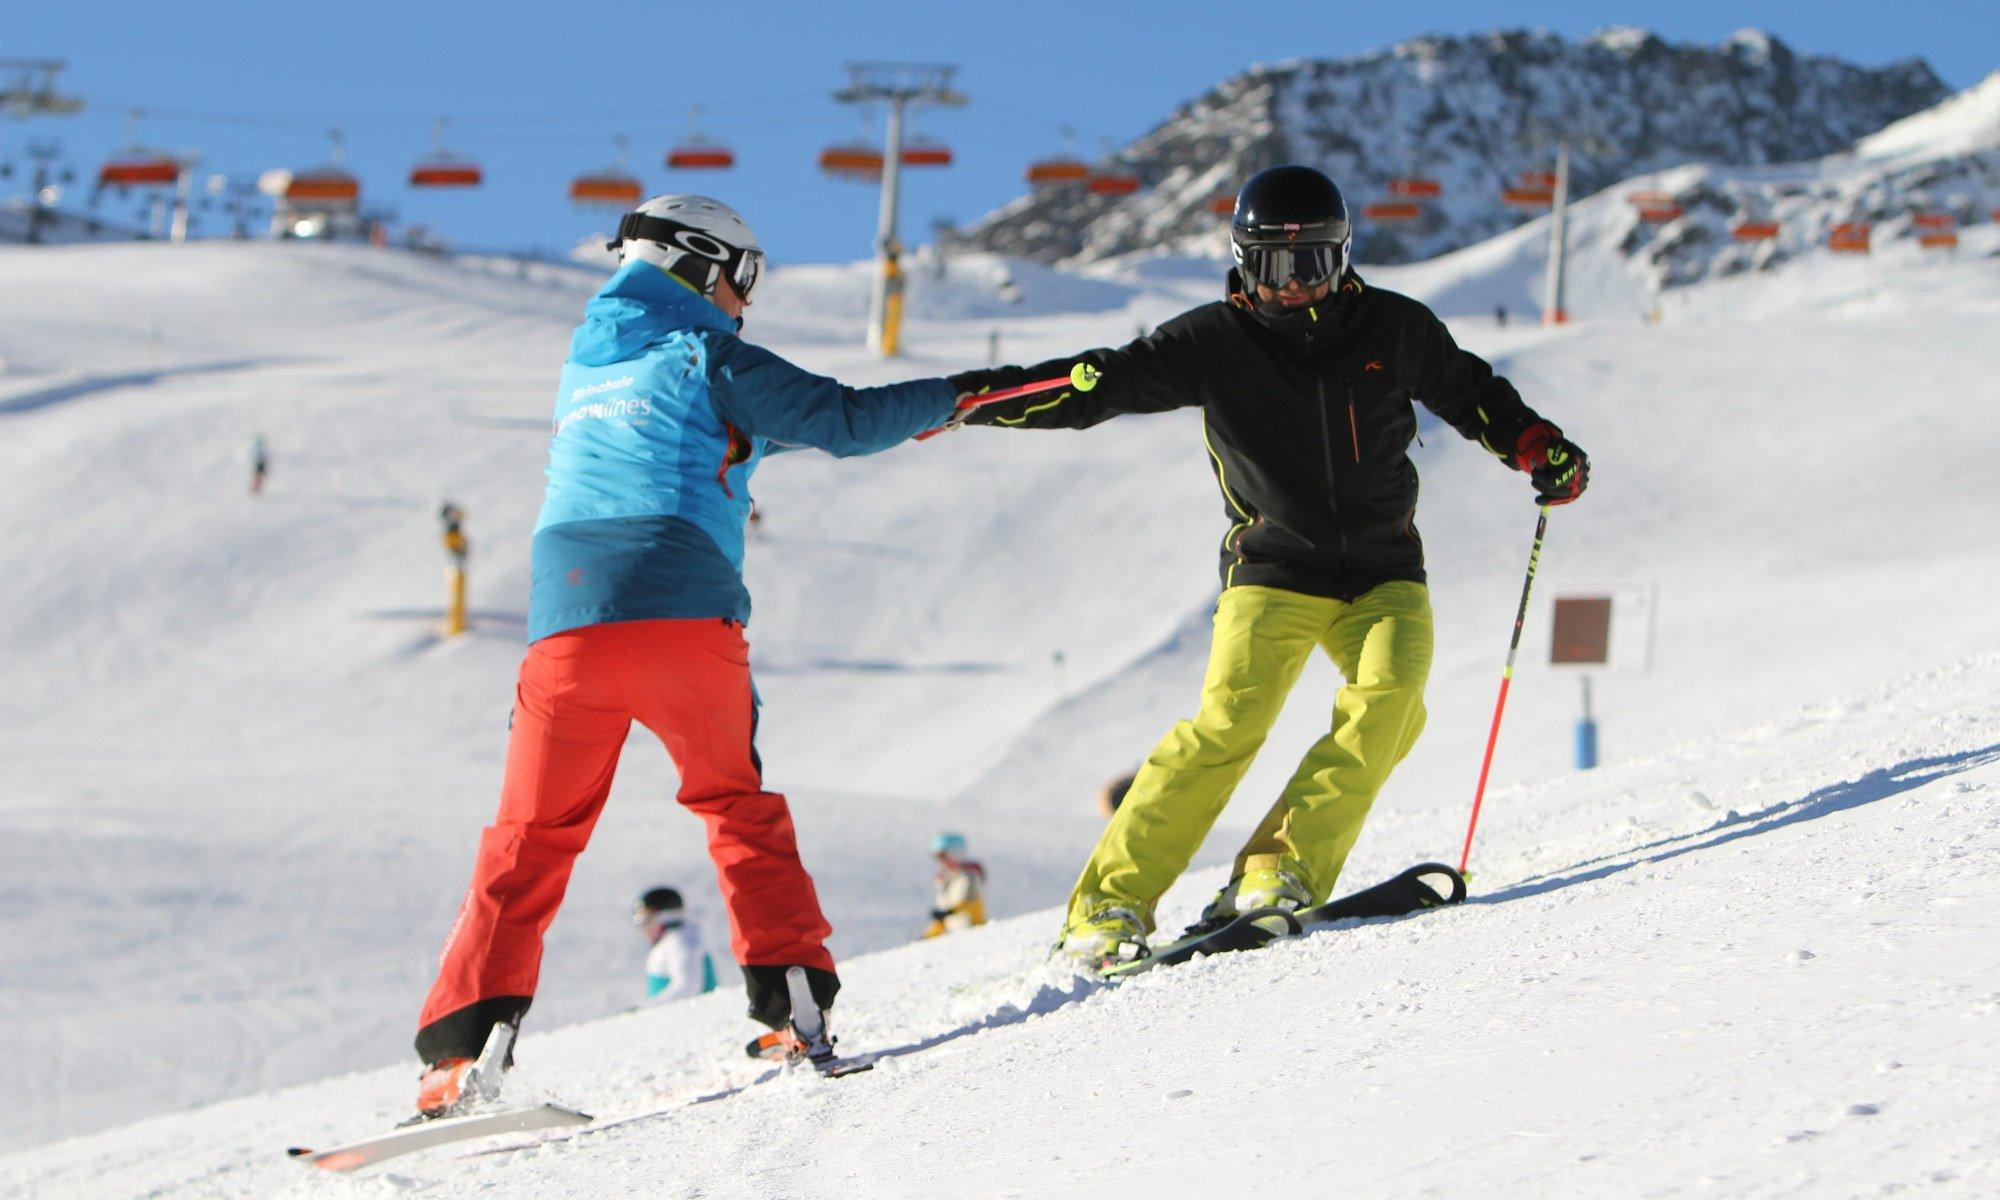 Ein Skilehrer übt mit einem Skikurs Teilnehmer das Aufkanten auf einer Skipiste in Sölden.